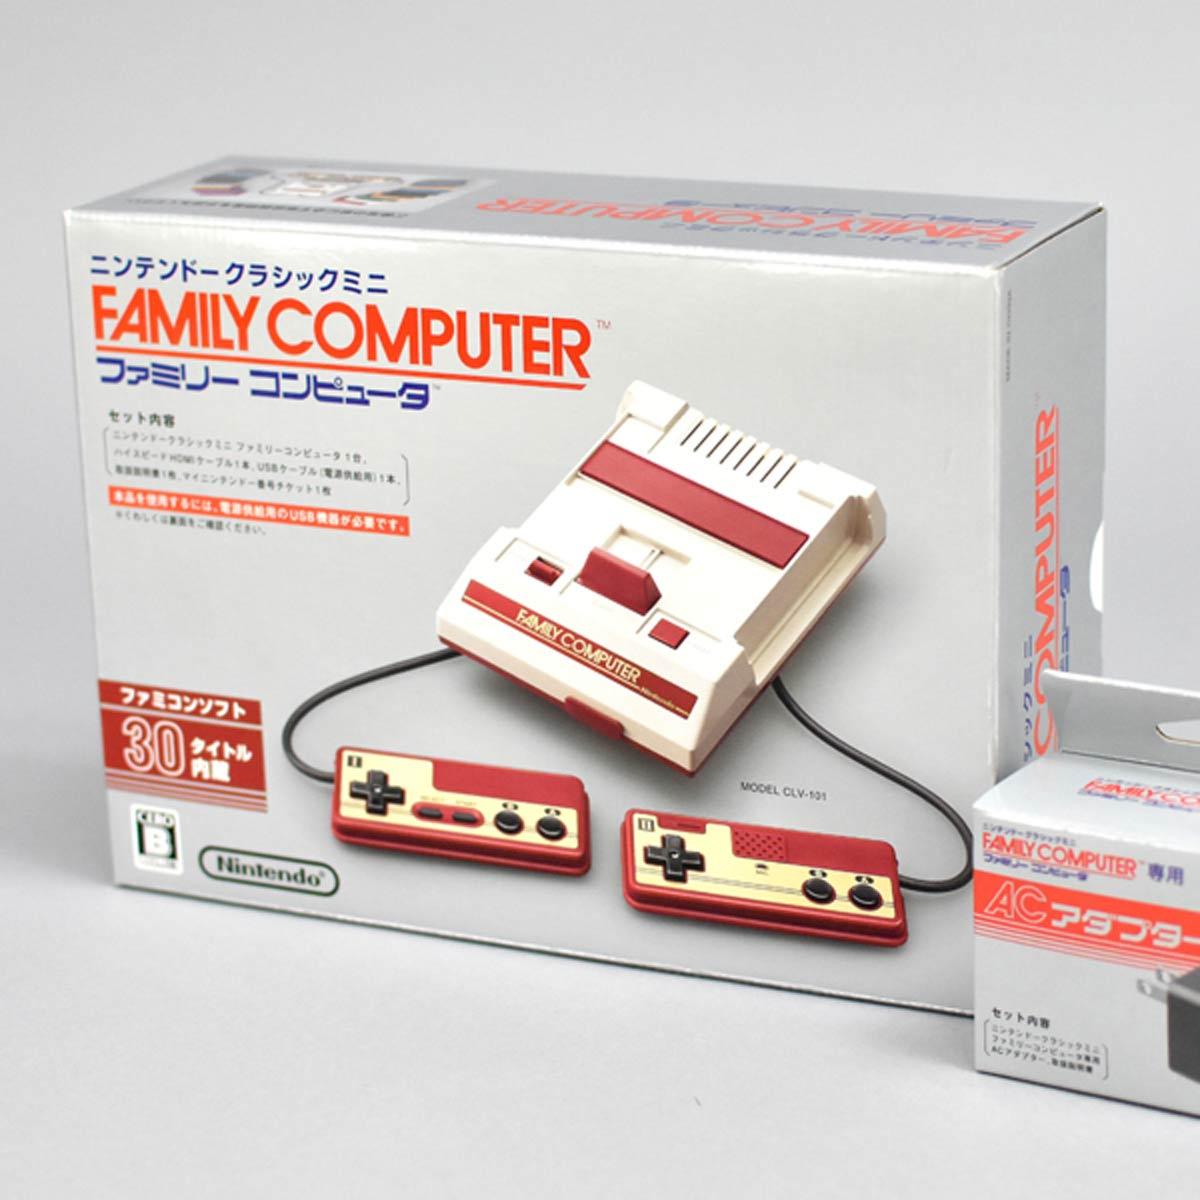 ミニファミコンがアメリカで大人気! PS4、スイッチよりも売れたことが判明